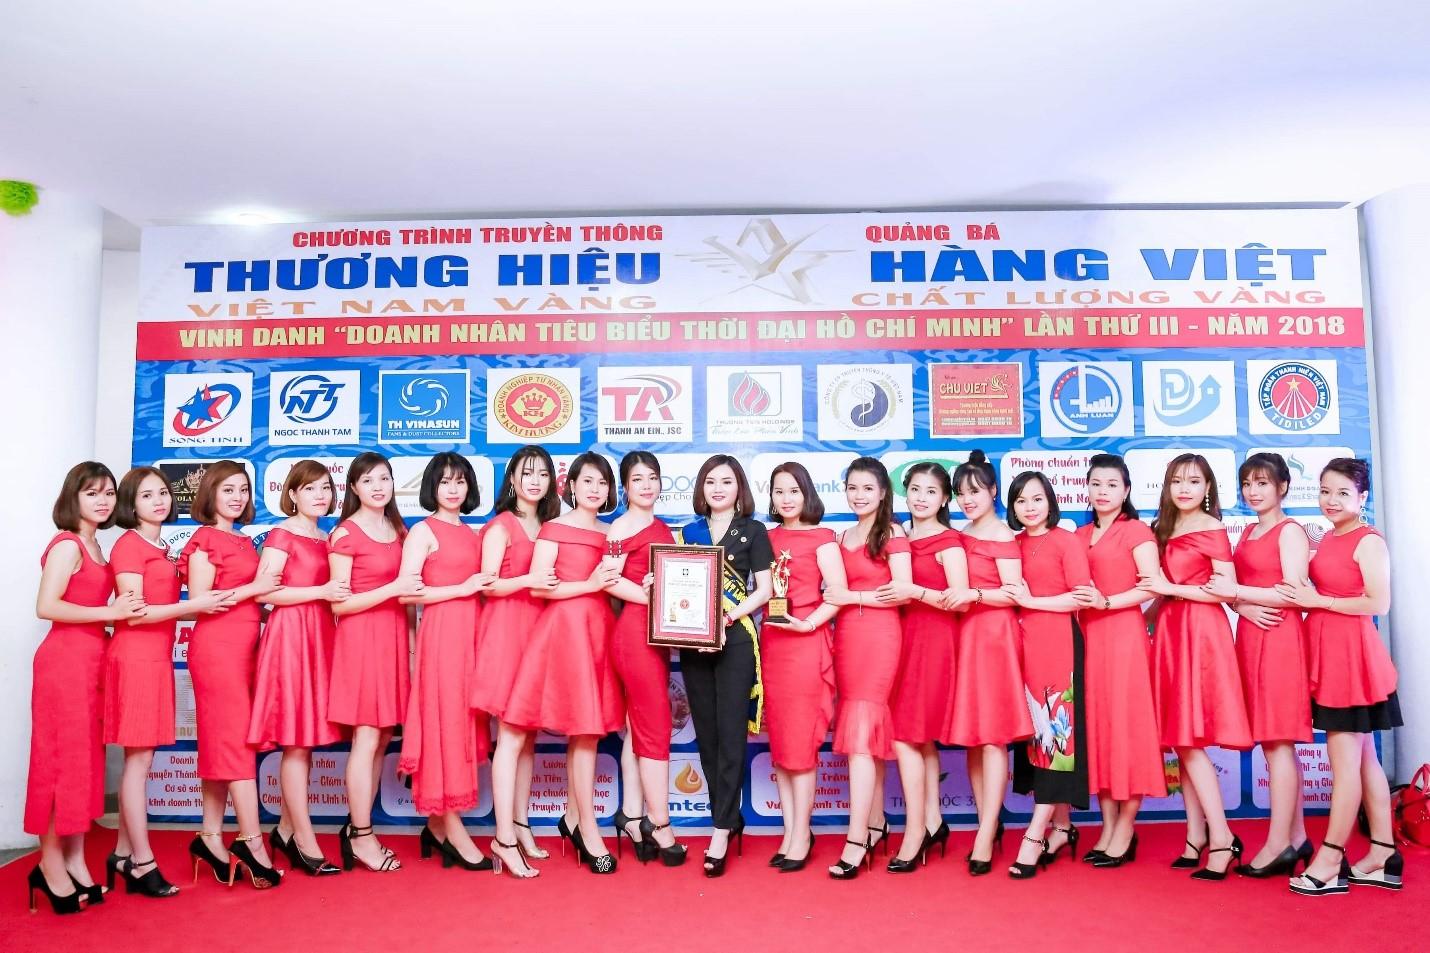 Gặp gỡ Miss cuộc thi ảnh mỹ phẩm Bio Nai'ra - Ảnh 4